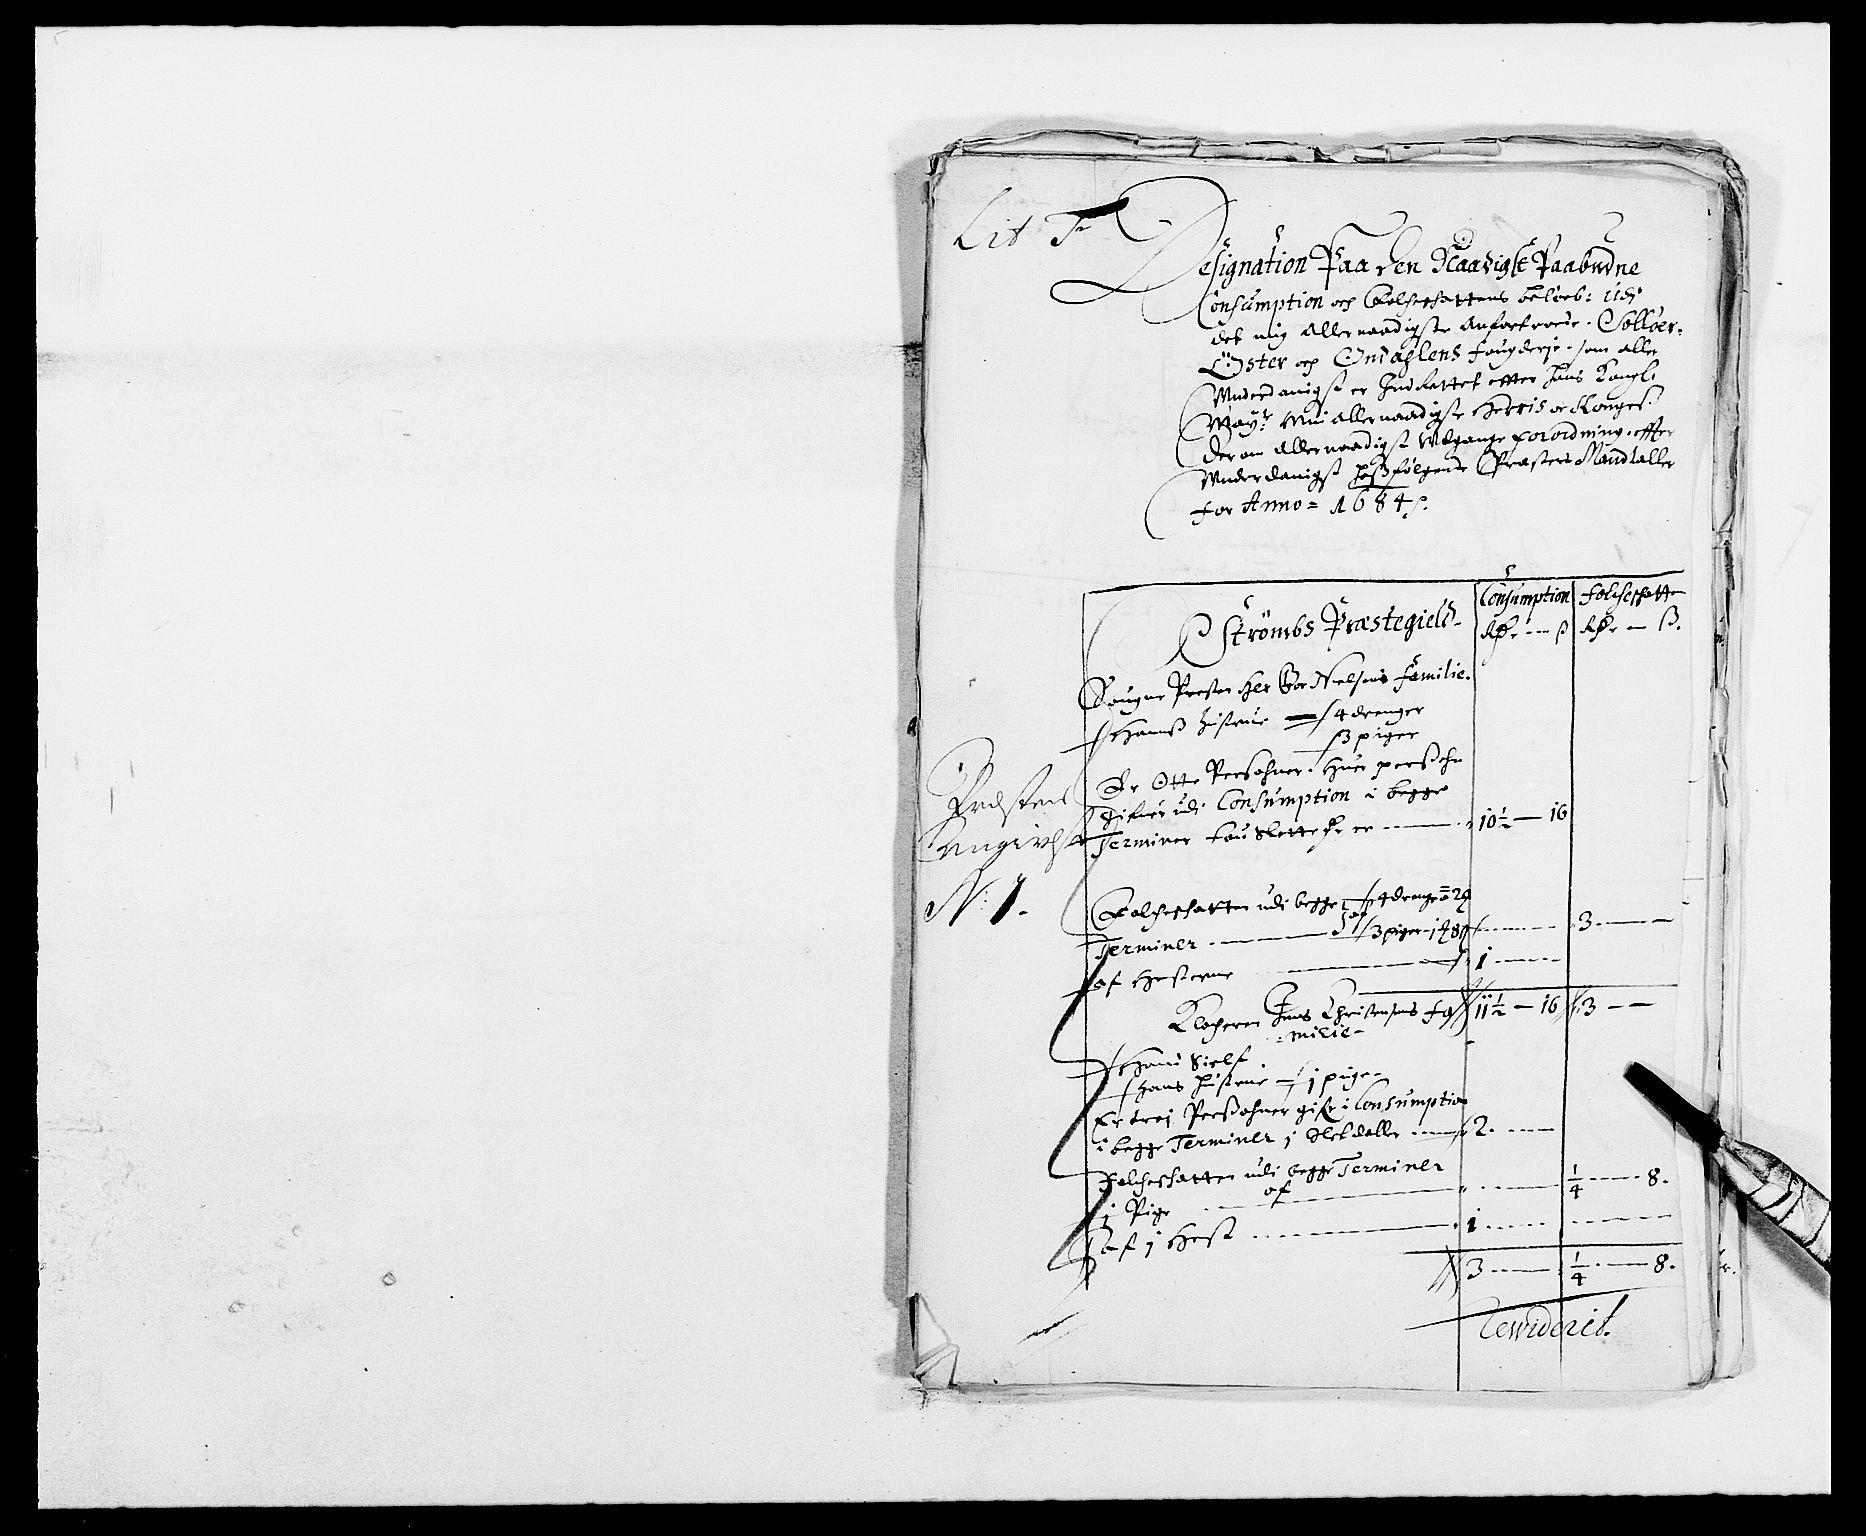 RA, Rentekammeret inntil 1814, Reviderte regnskaper, Fogderegnskap, R13/L0821: Fogderegnskap Solør, Odal og Østerdal, 1684, s. 220